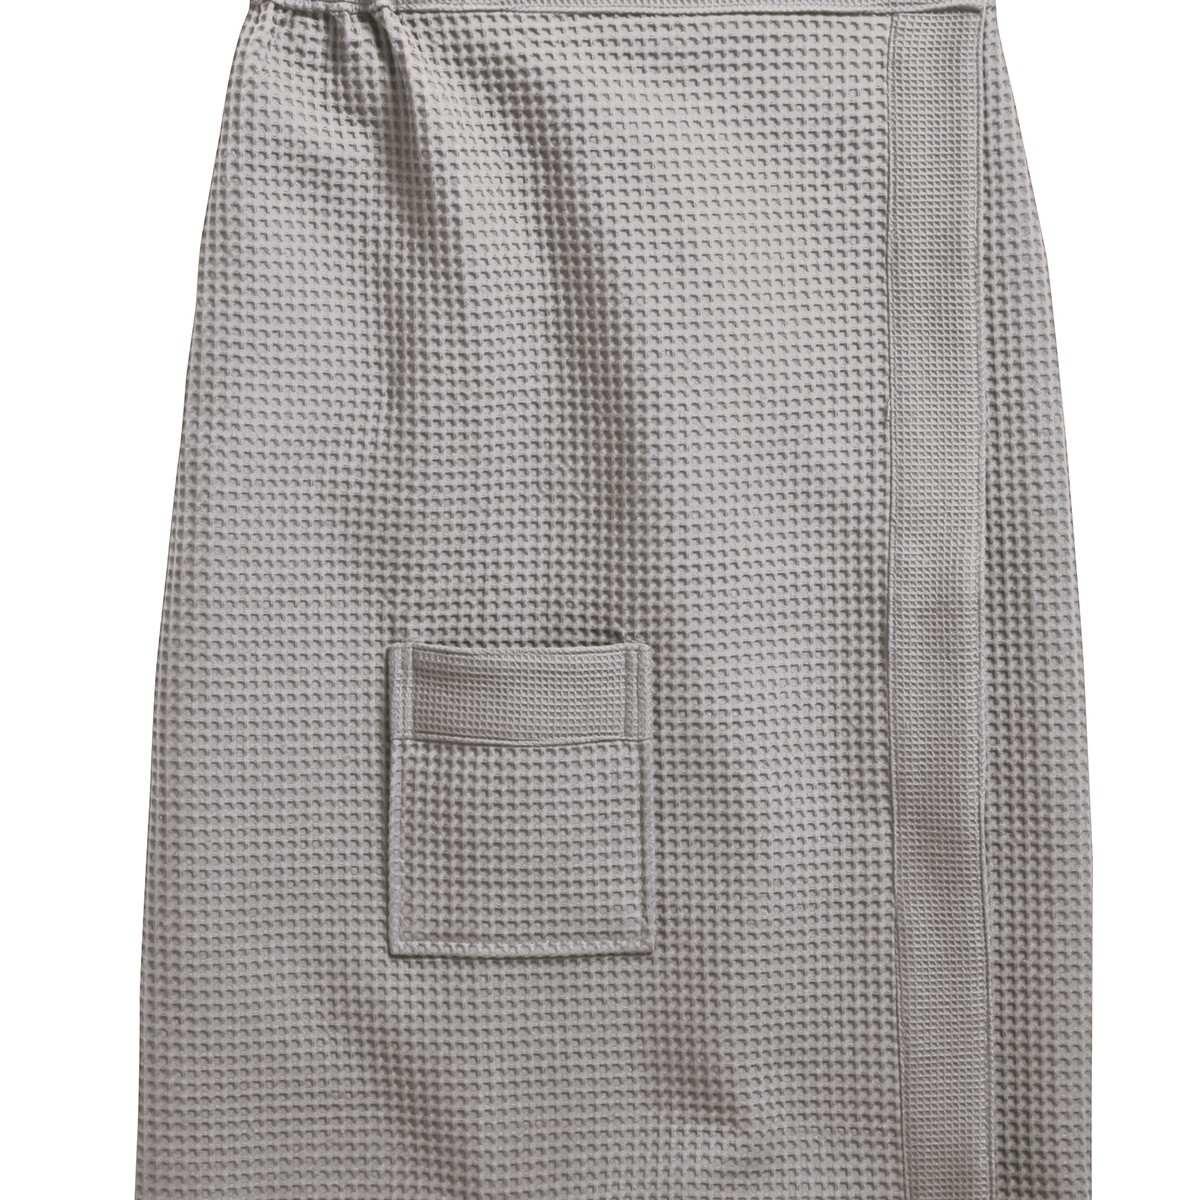 Honeycomb cotton sarong | Linge de lit | Tradition des Vosges